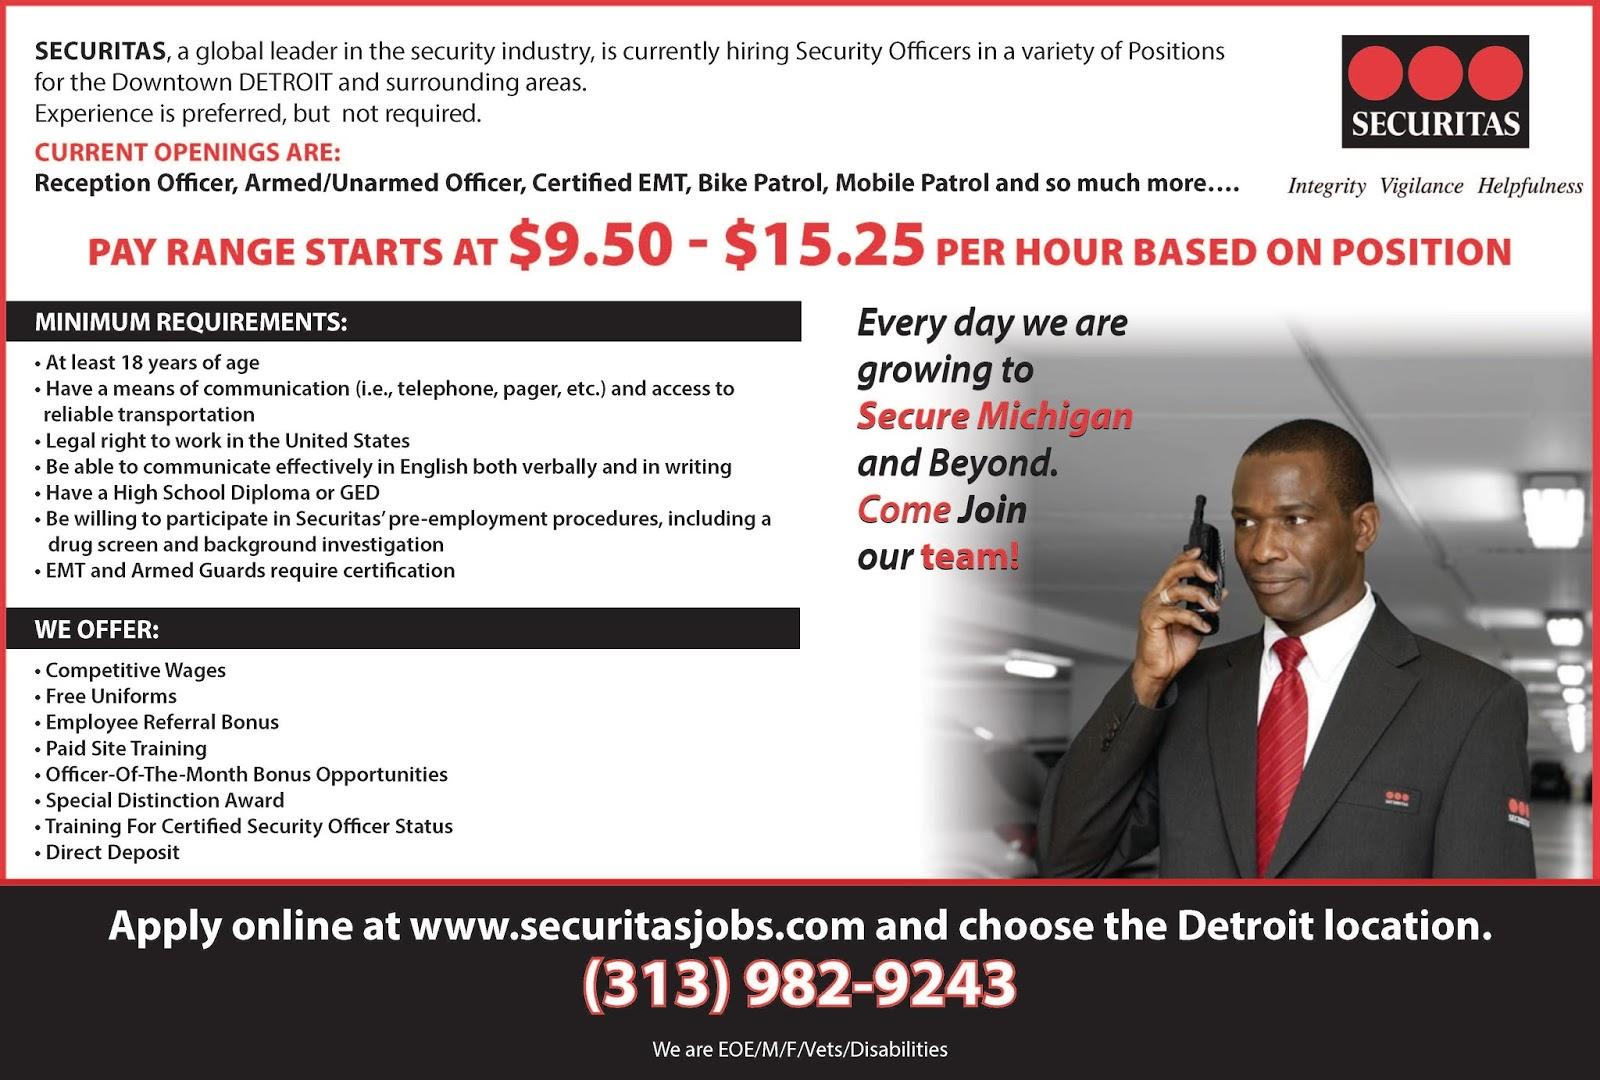 Securitas Jobs Openings